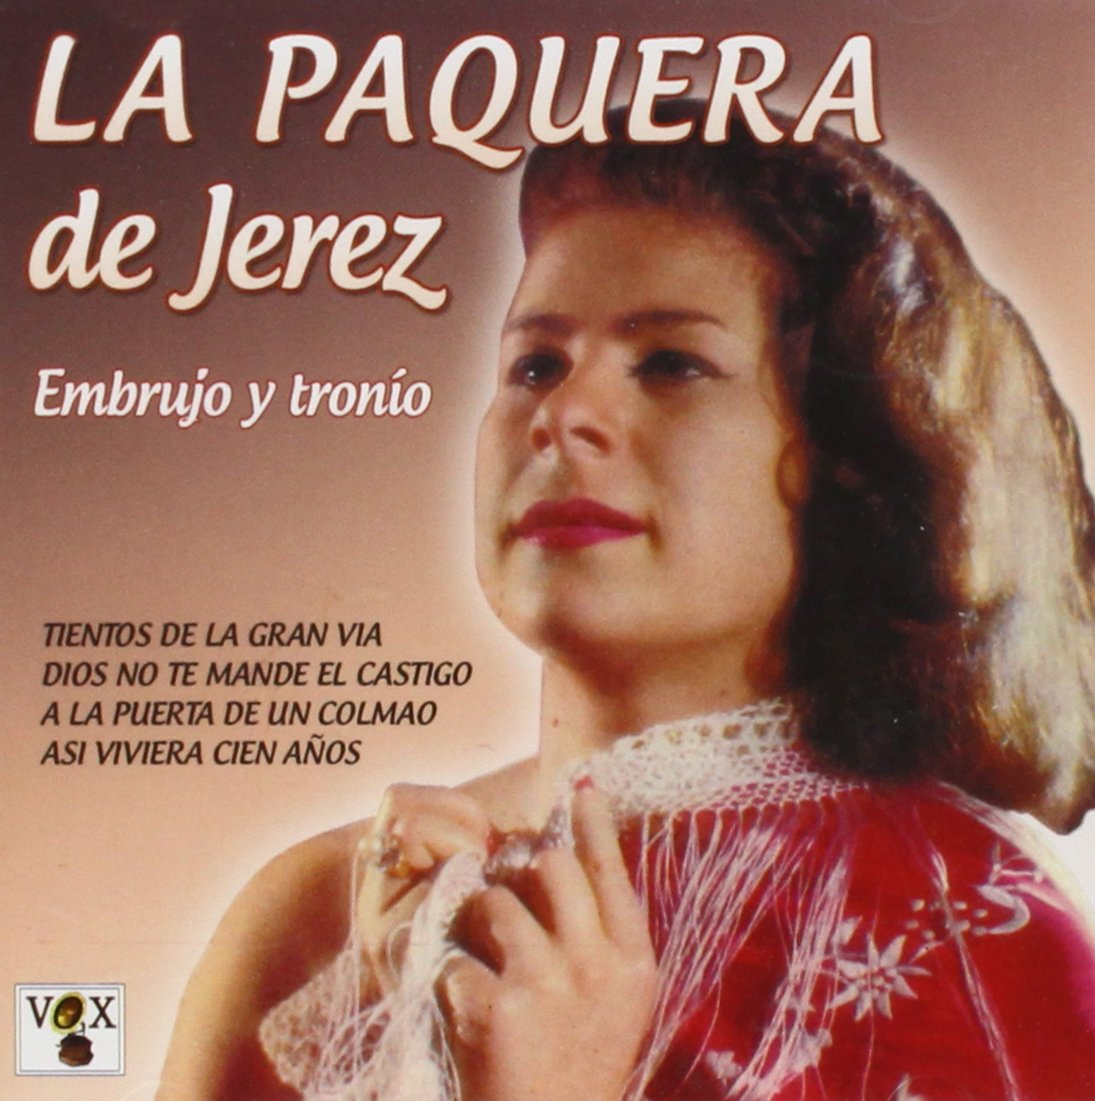 Embrujo Y Tronío: La Paquera De Jerez: Amazon.es: Música